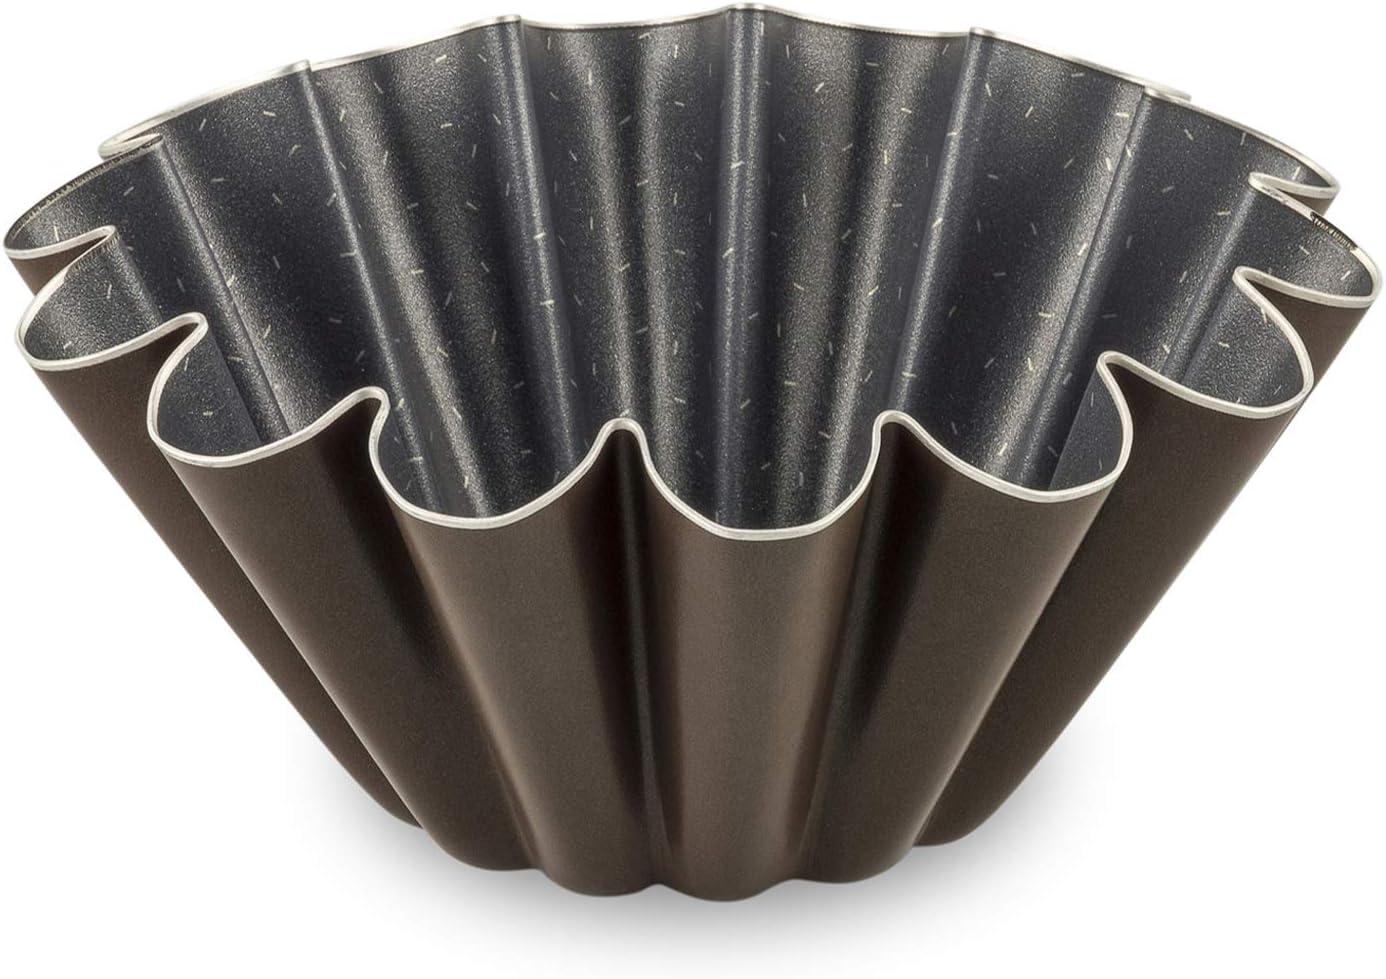 Tefal Molde Success para brioche, de Aluminio, marrón, 23cm, J1606602